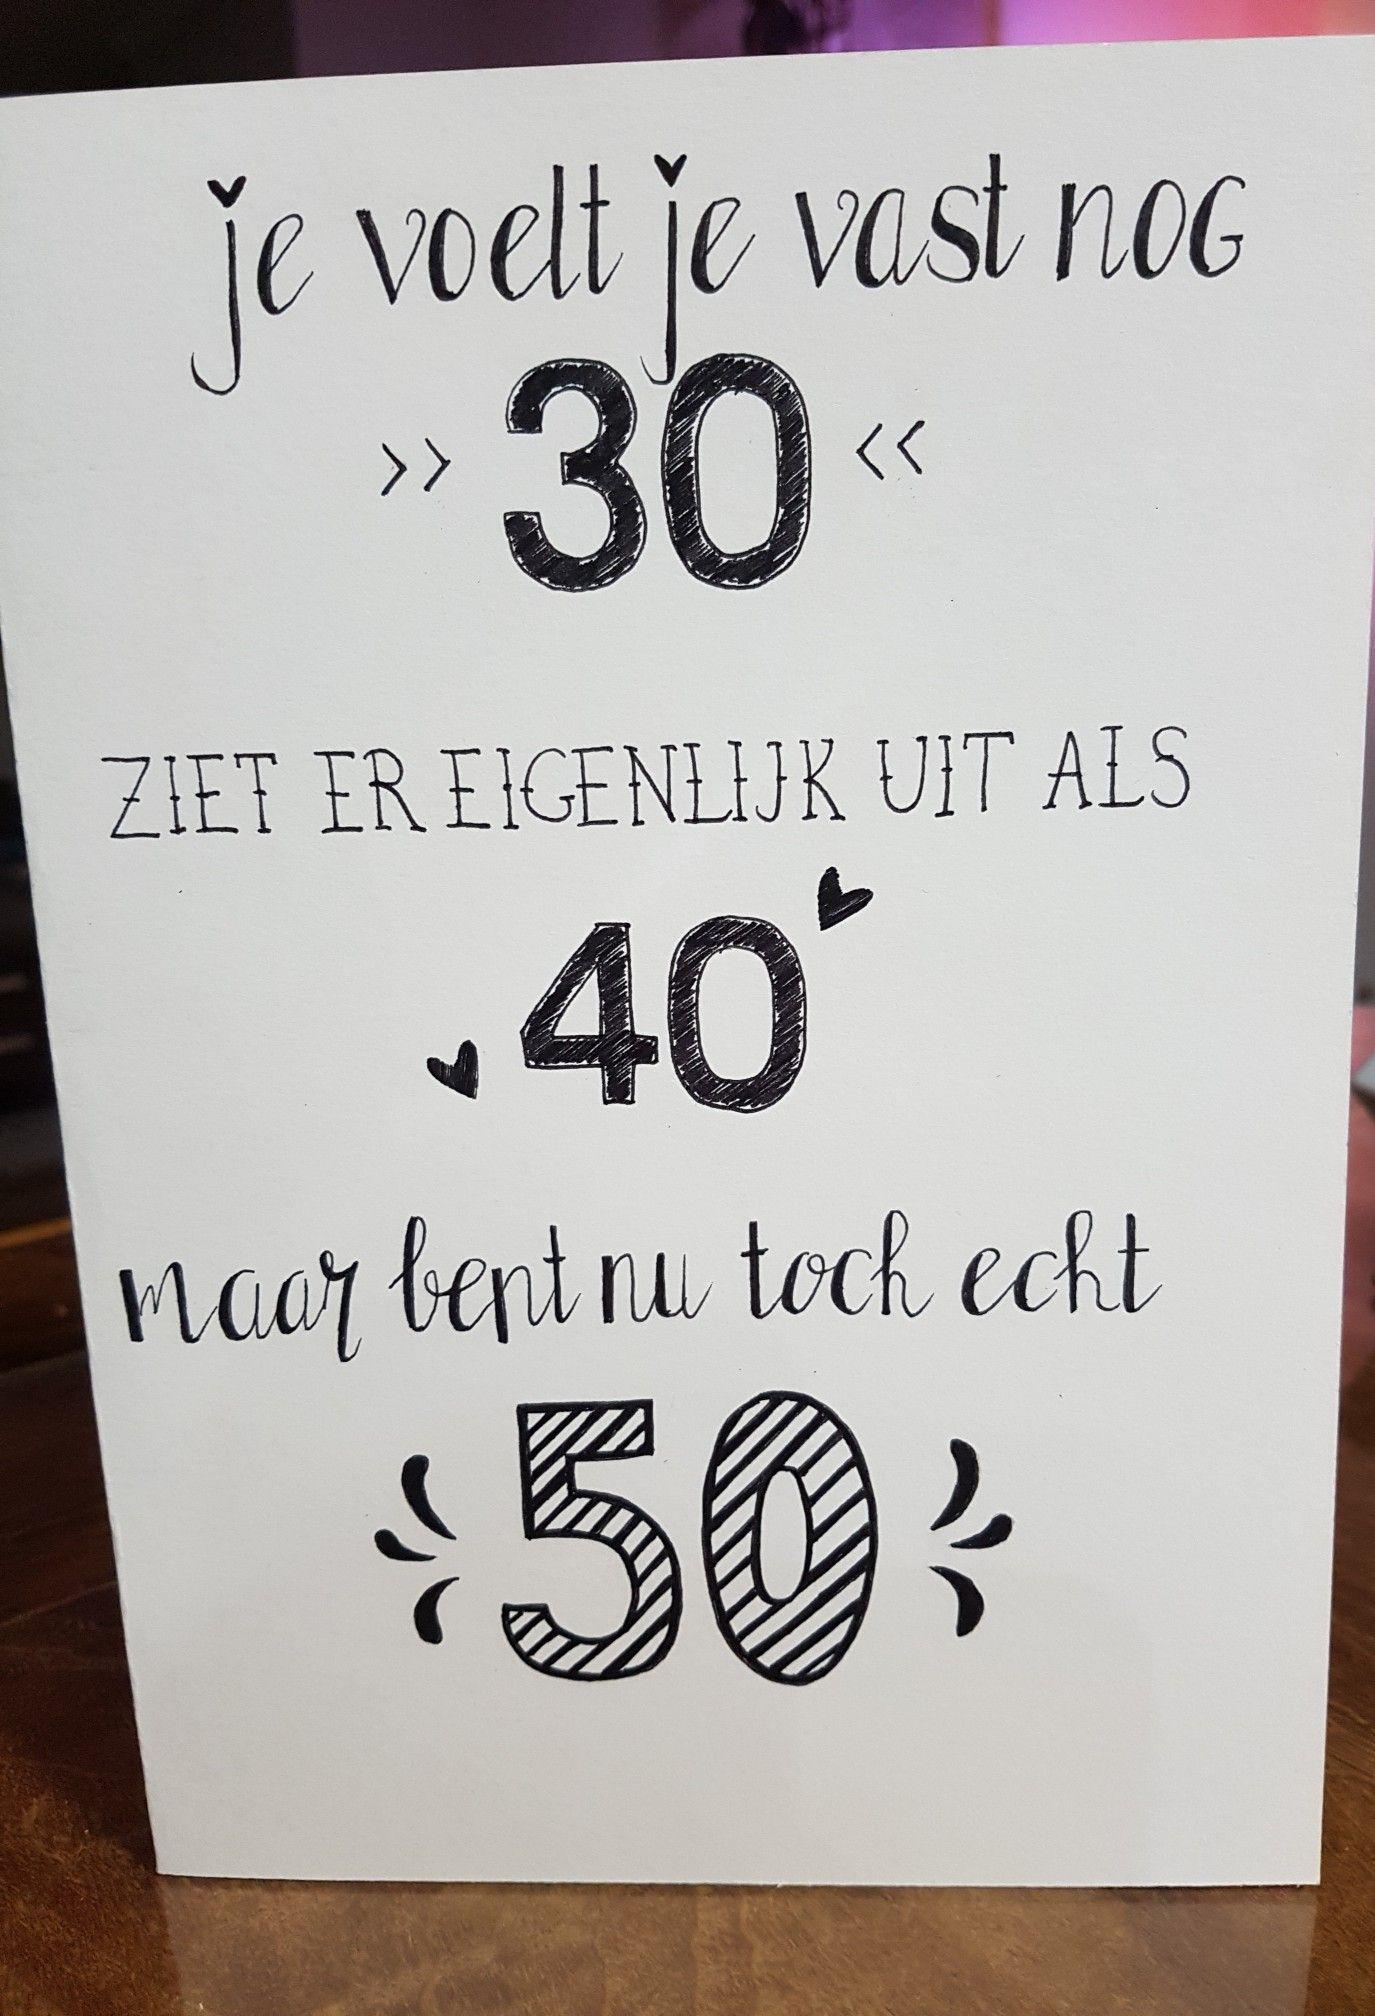 Leukenideeen Verjaardagen Verjaardagskaart Ideeen Kaart Maken 50 Kaarten Maken 50 Jaar